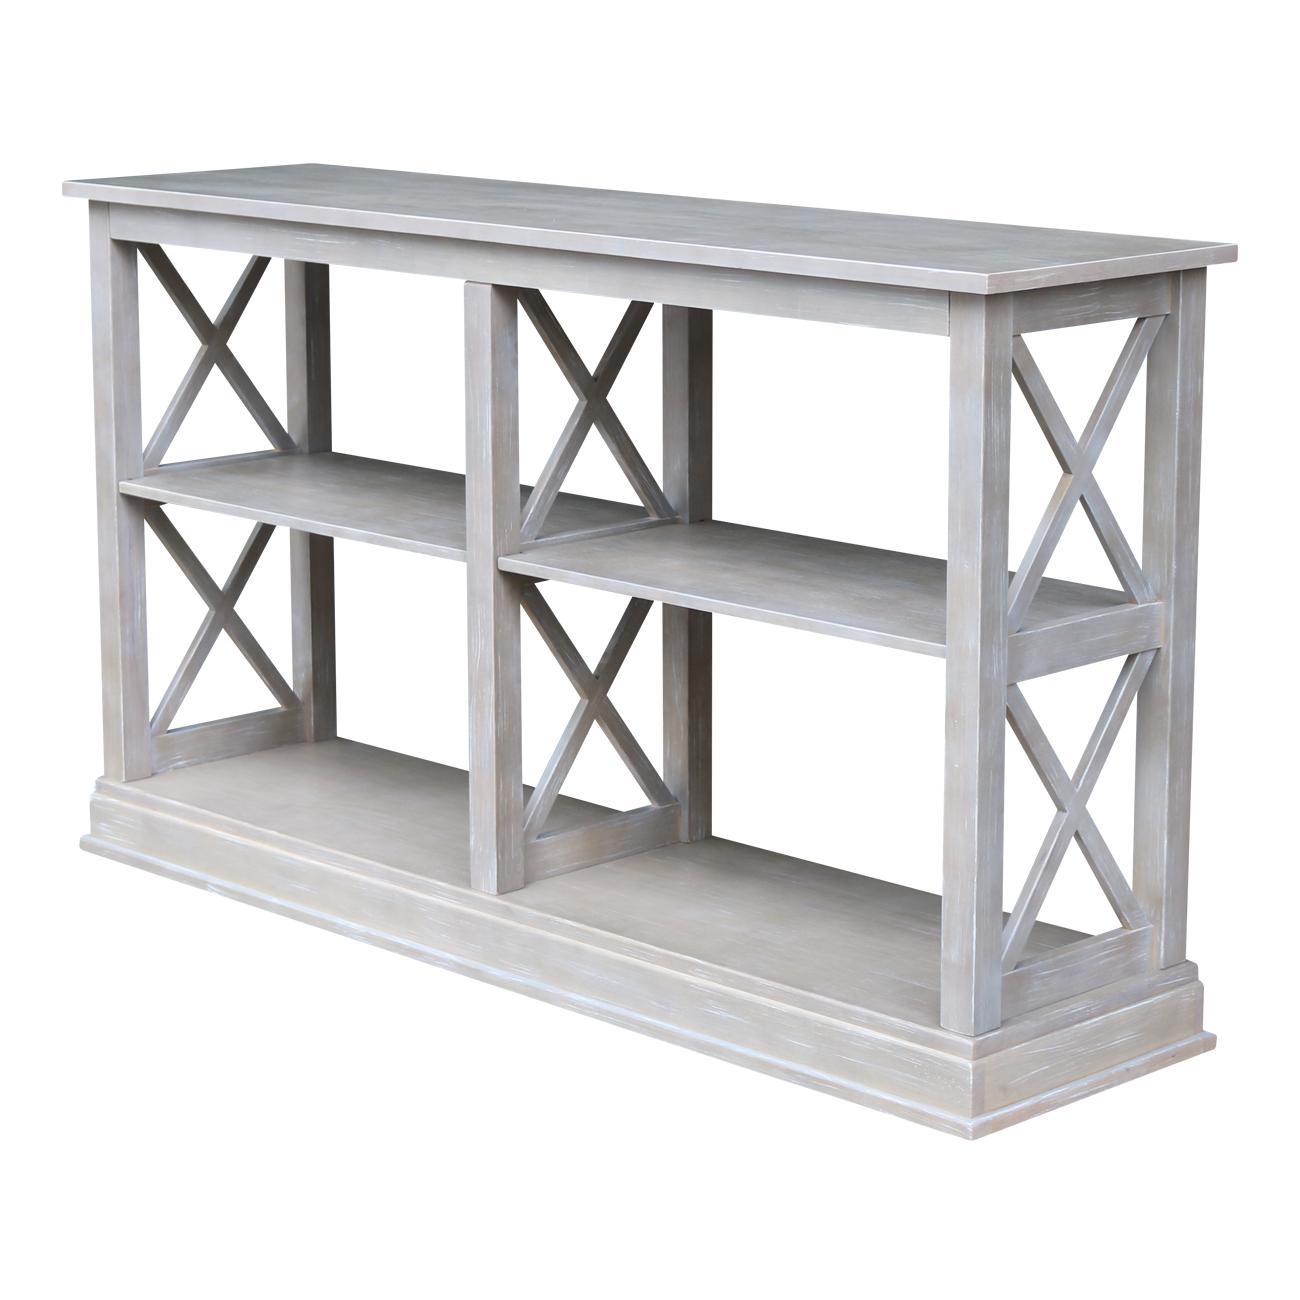 Hampton Sofa Server Table with Shelves - Gray